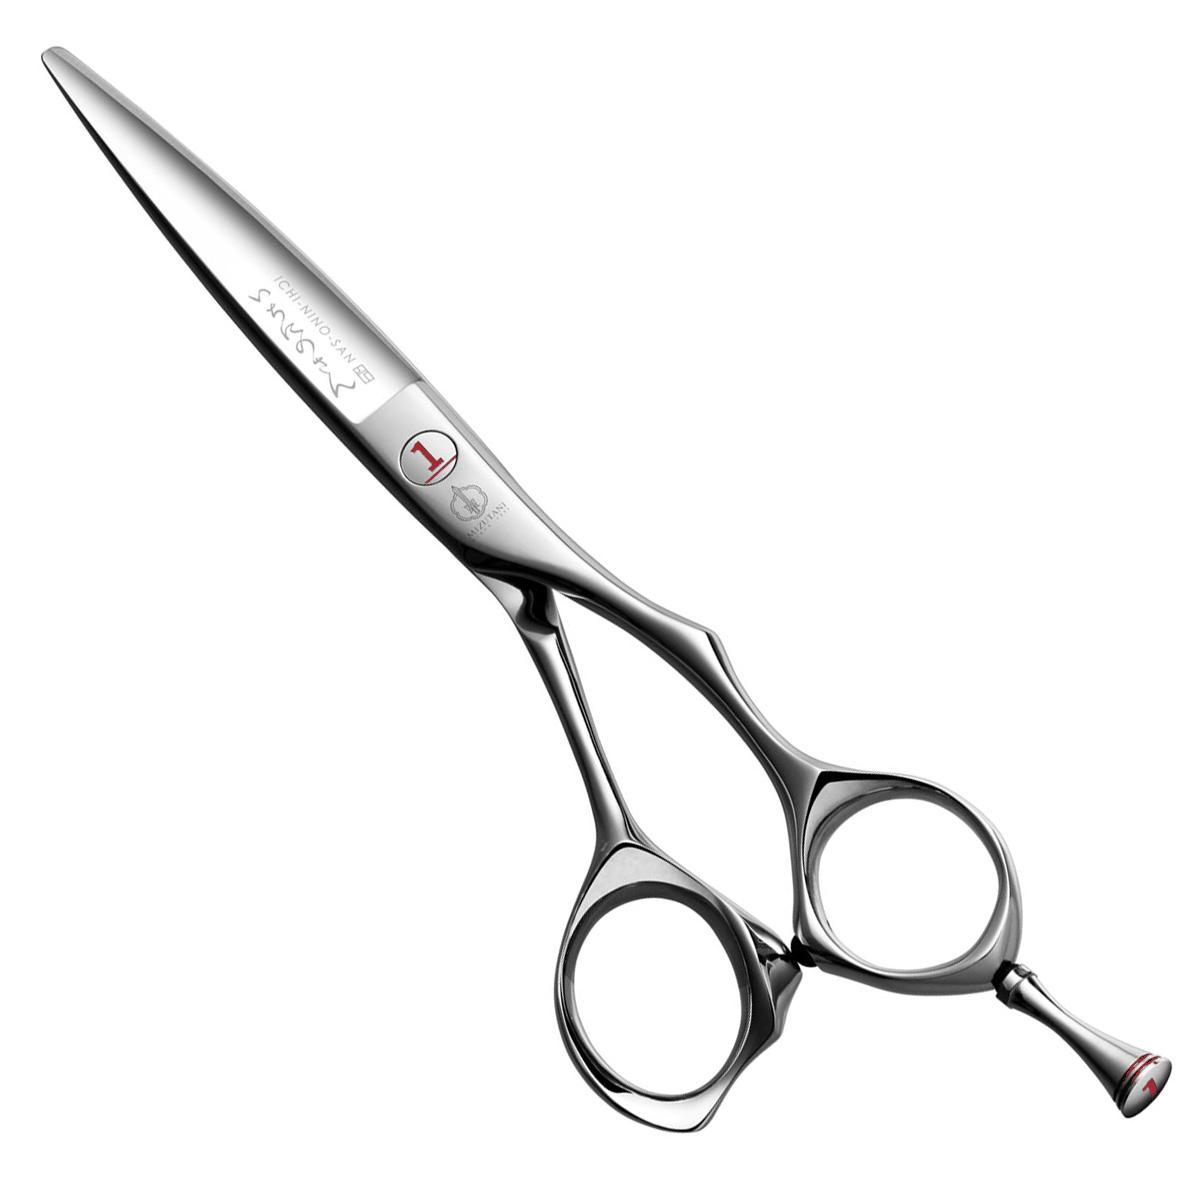 Mizutani cutting scissors Ichi-Nino-San #1